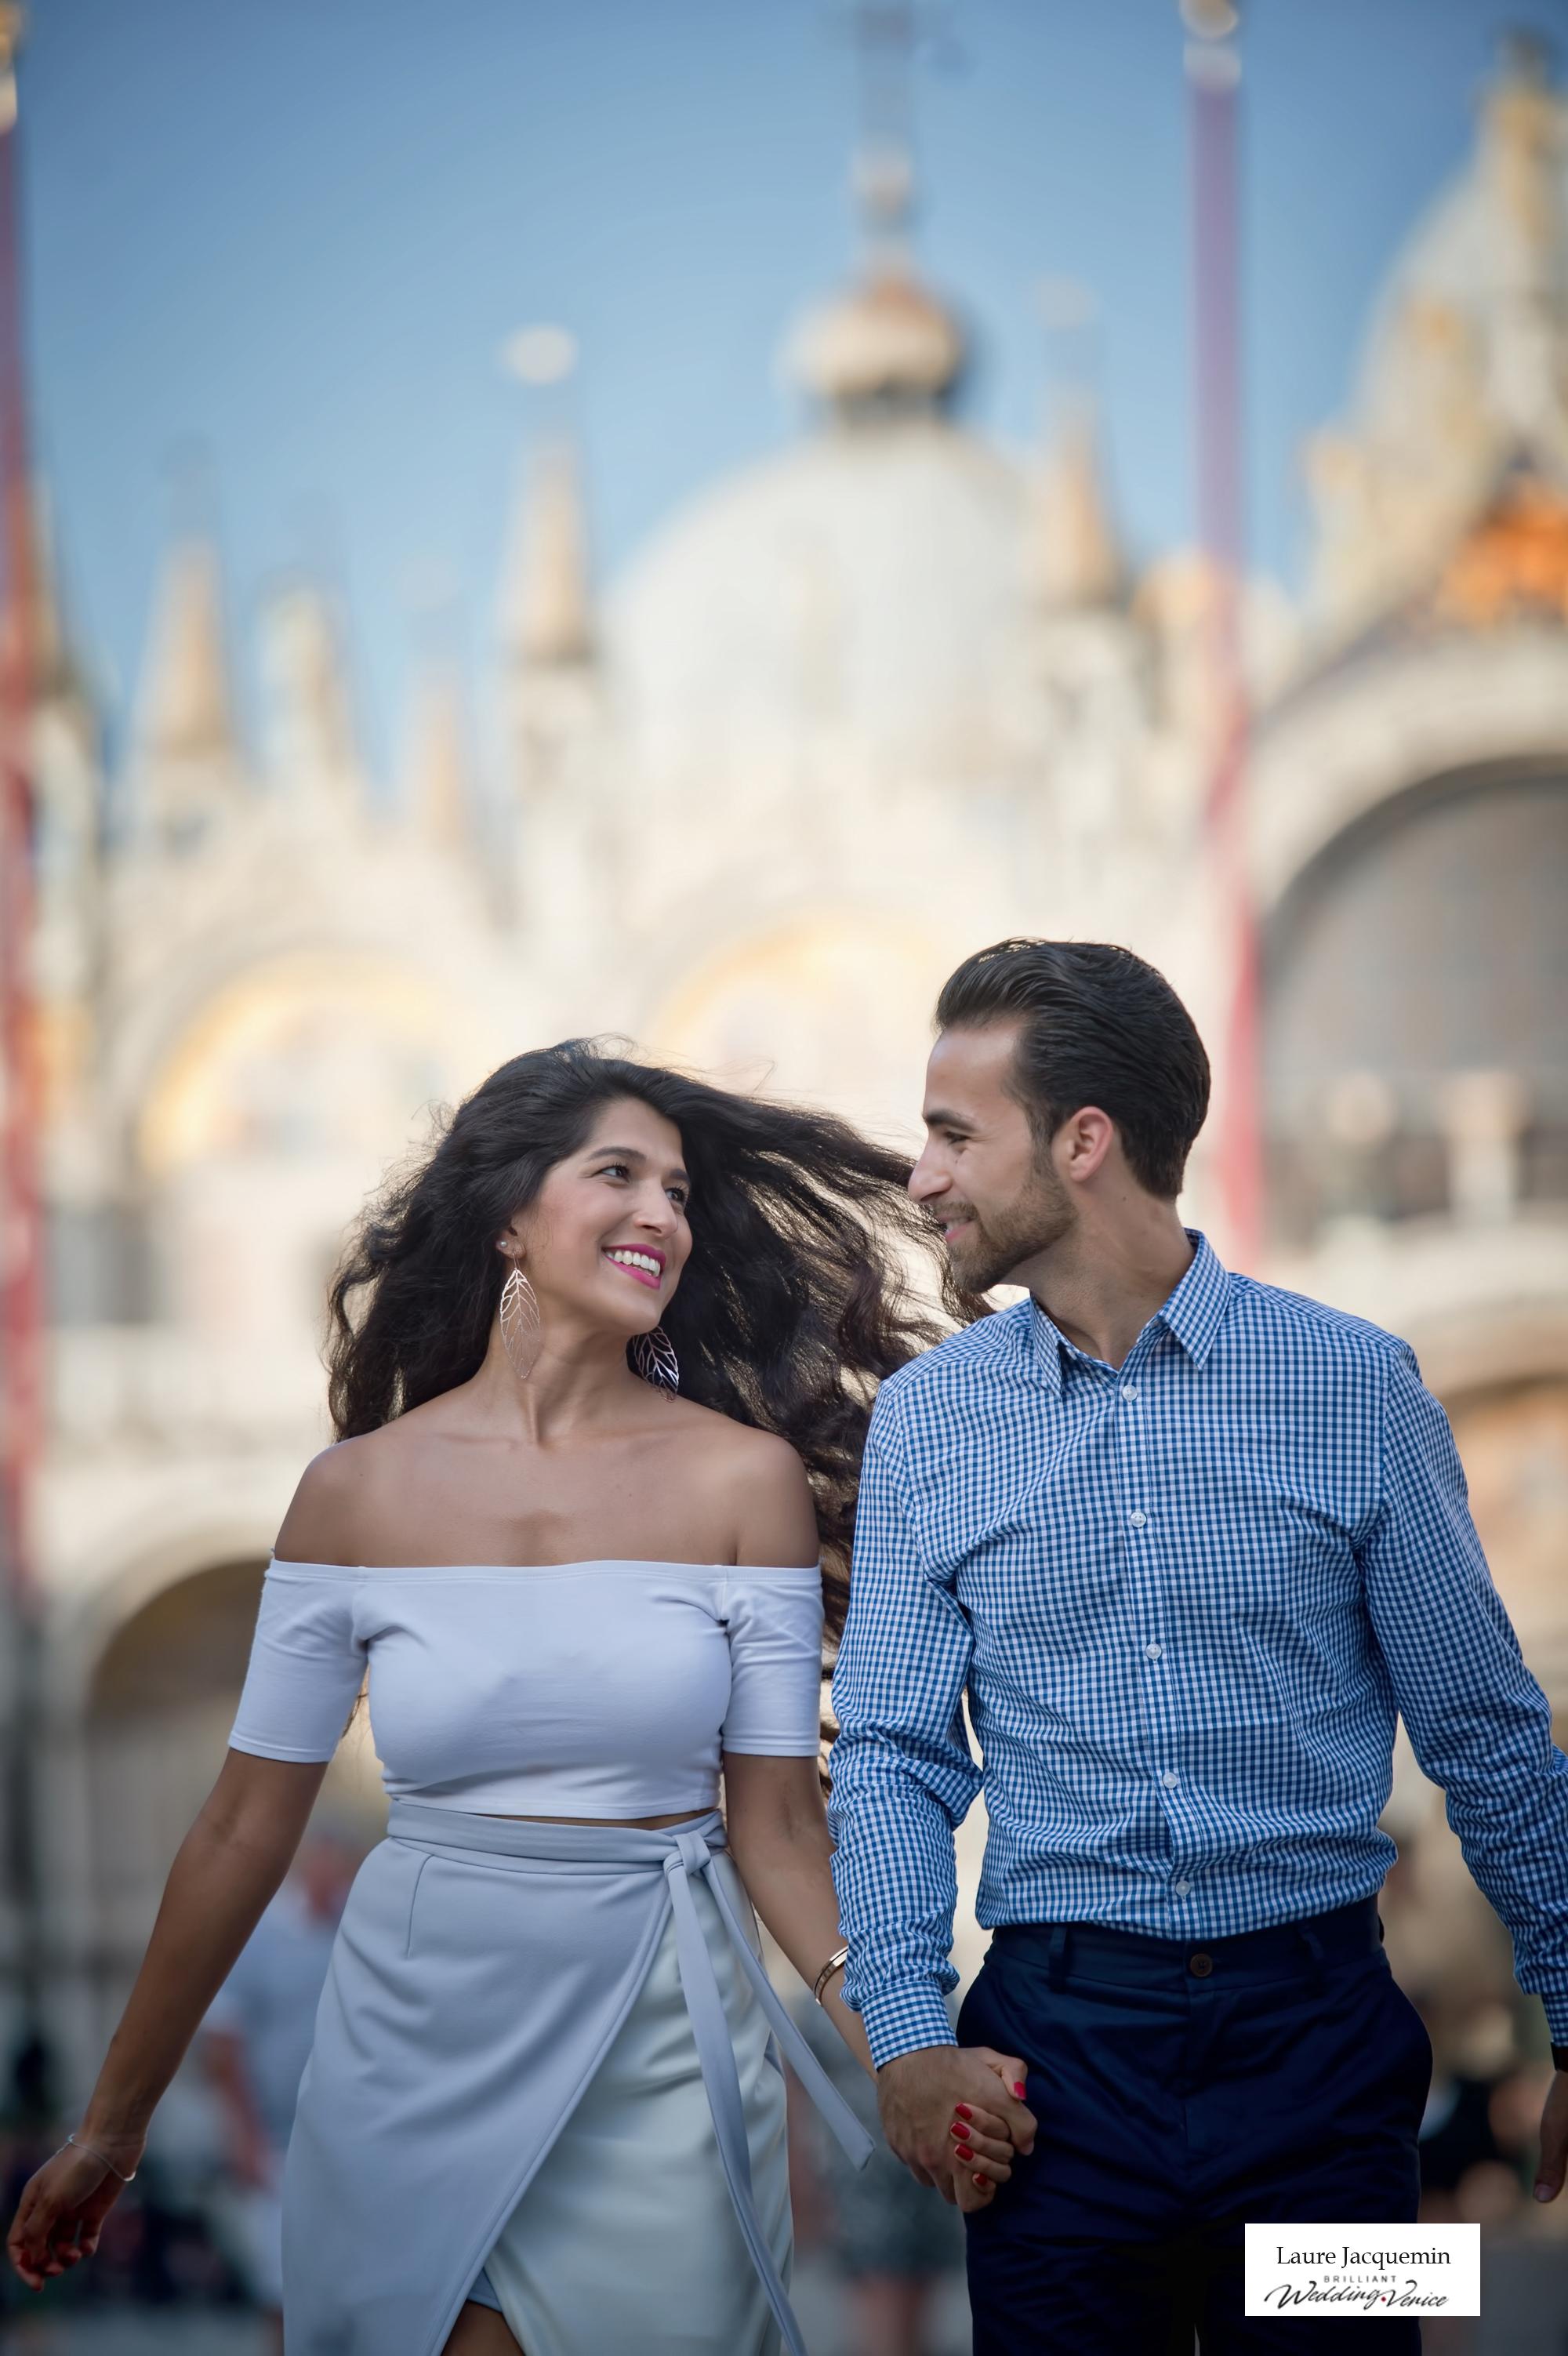 venise gondole banner fiancaille photographe demande mariage laure jacquemin (36)